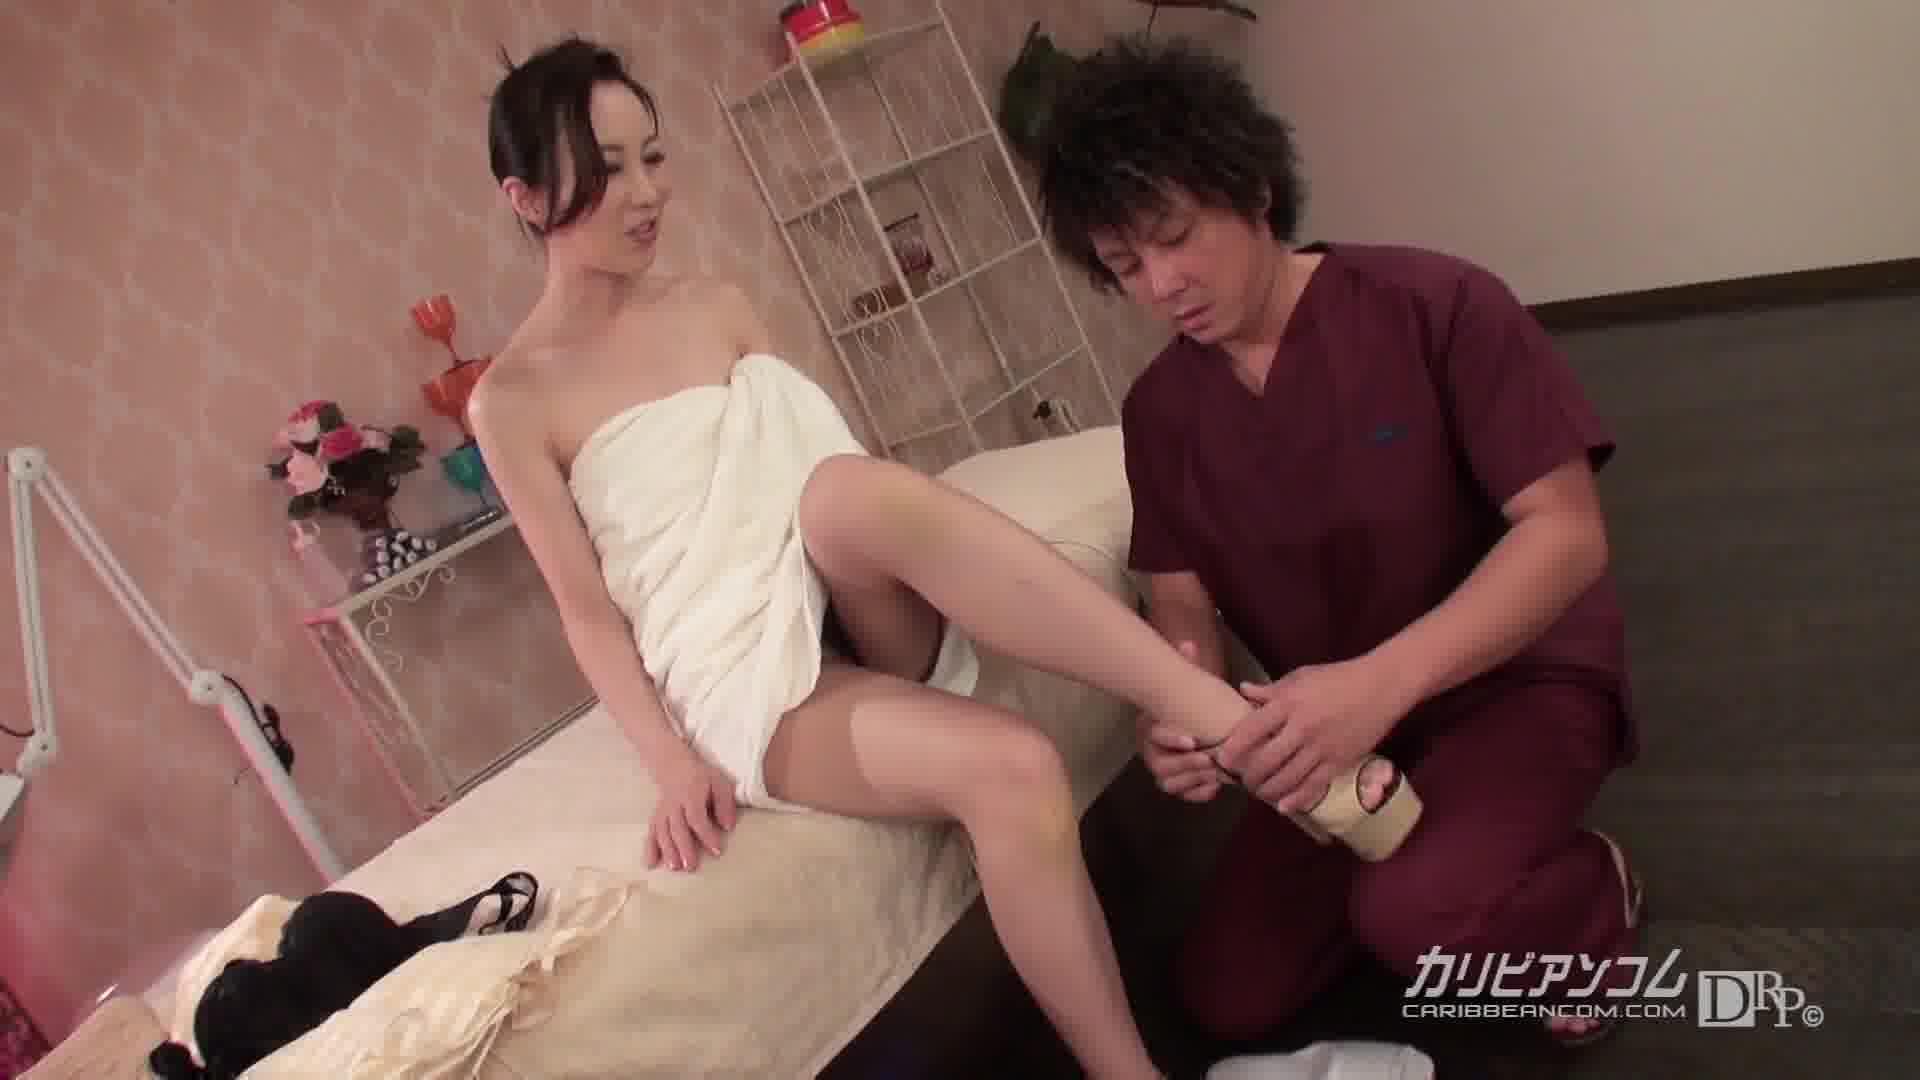 極上セレブ婦人 Vol.11 - 黒羽みり【美乳・スレンダー・中出し】